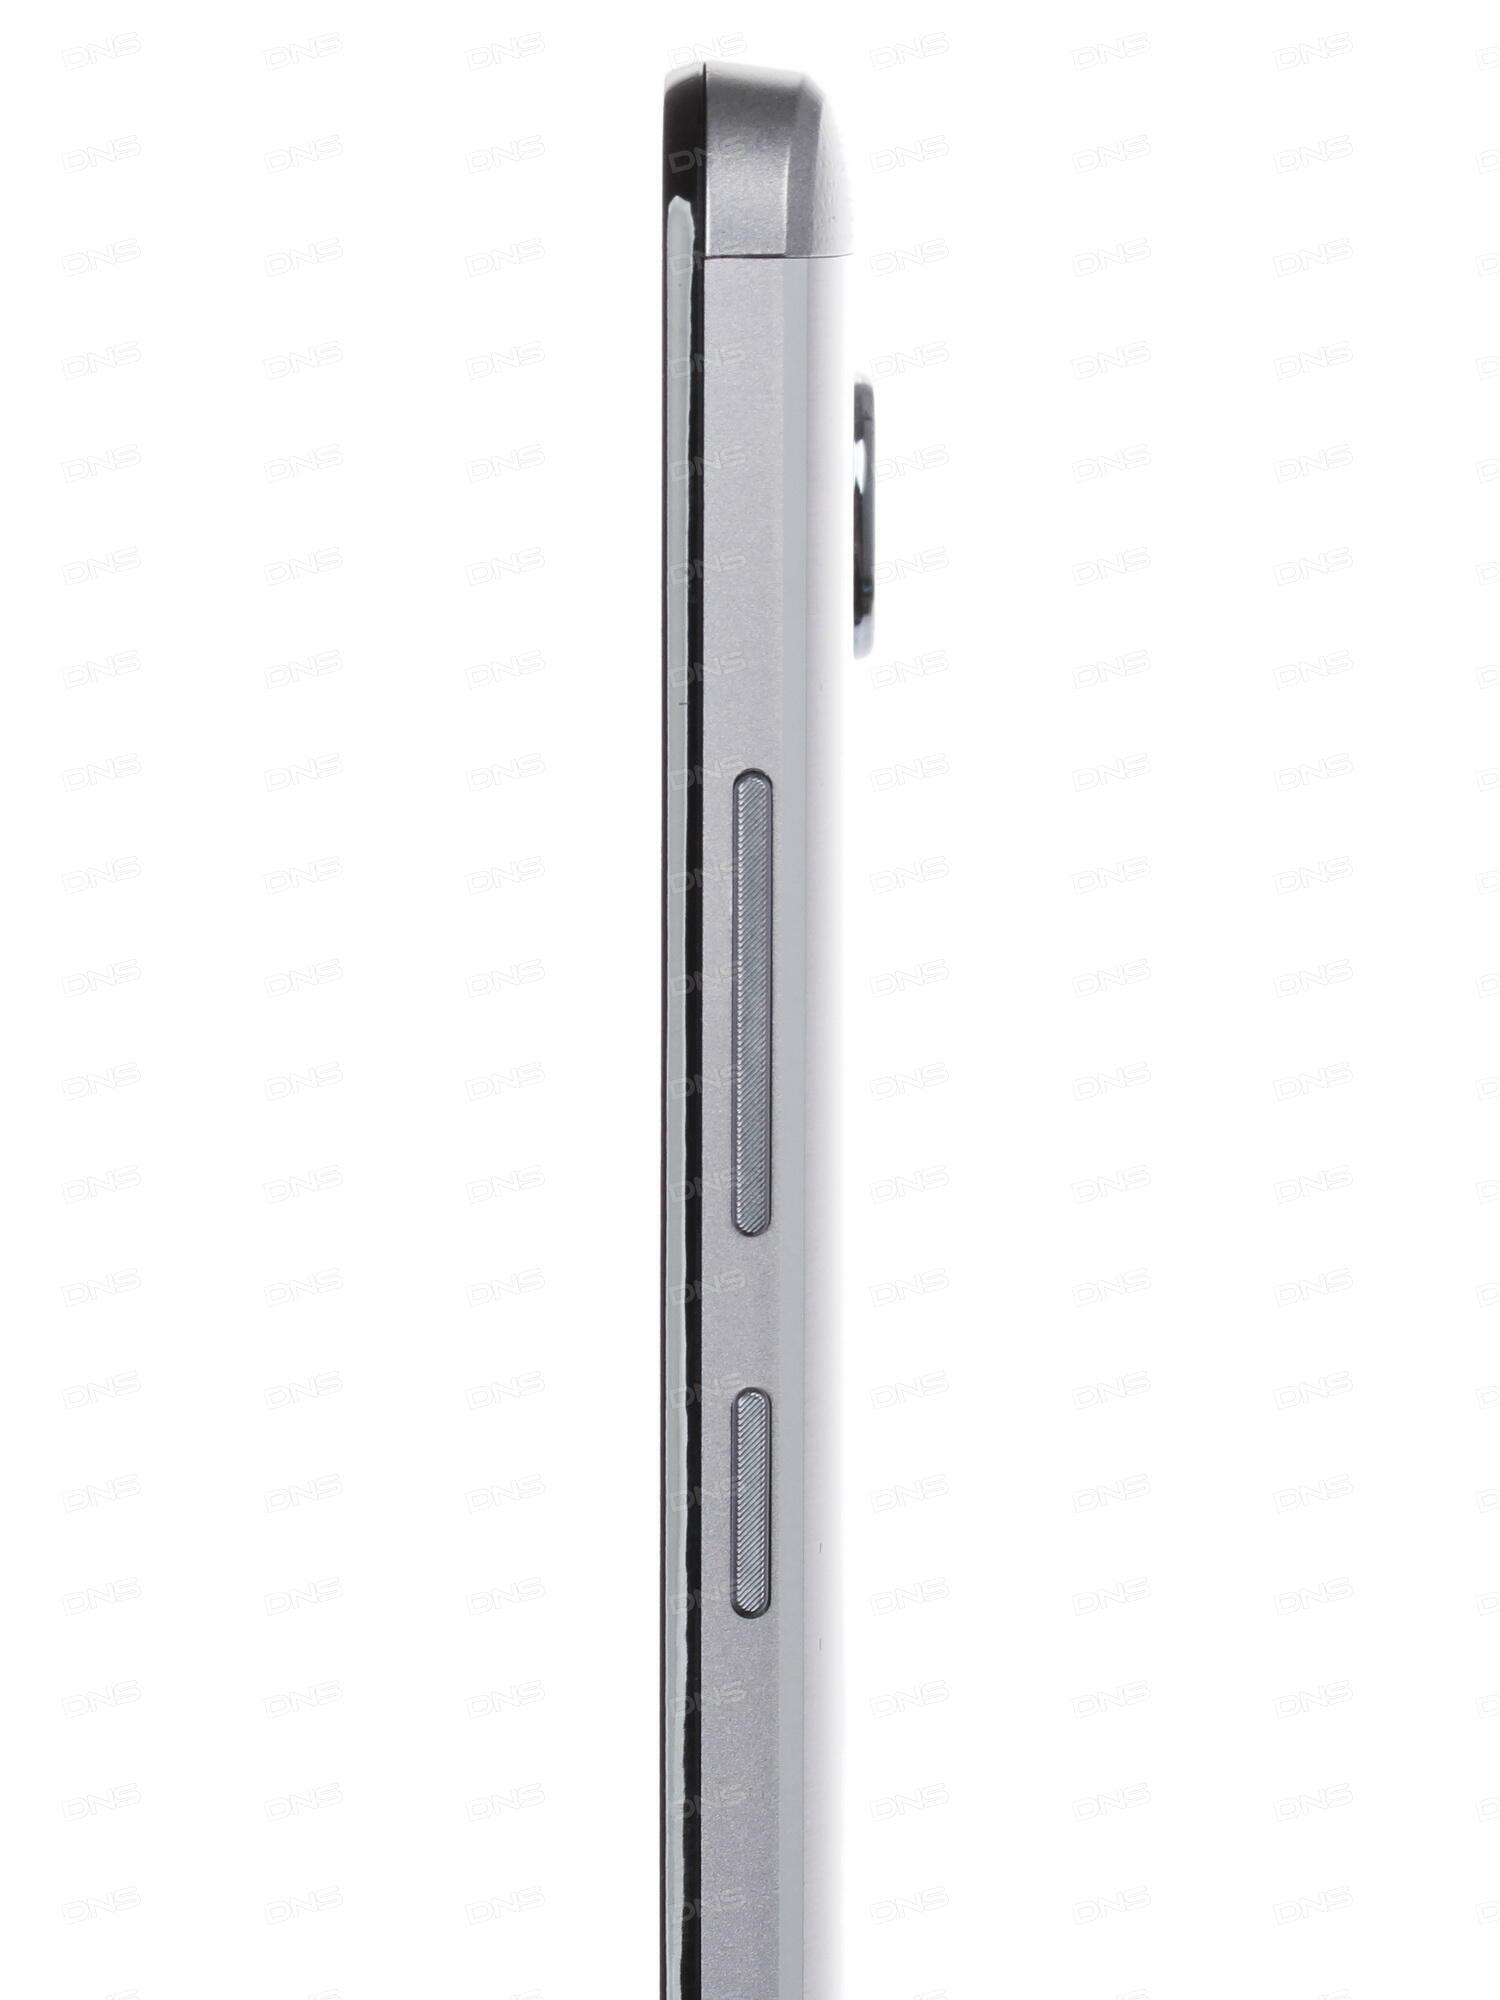 Смартфон Huawei Honor 5X Gold KIWL21  Москва